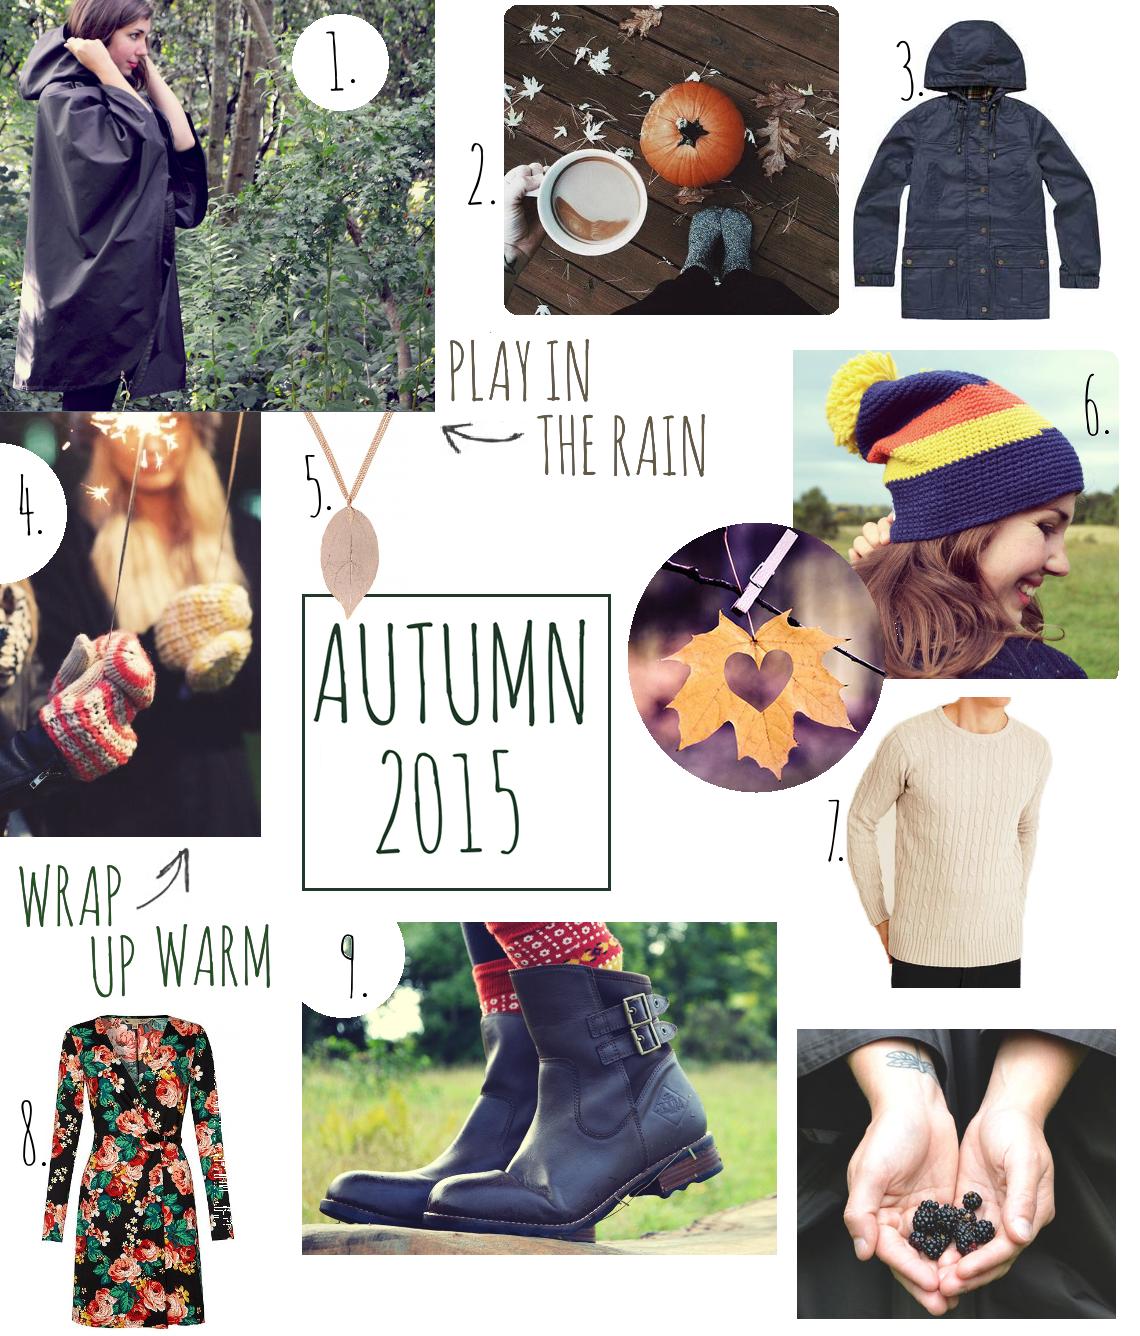 autumn style 2015